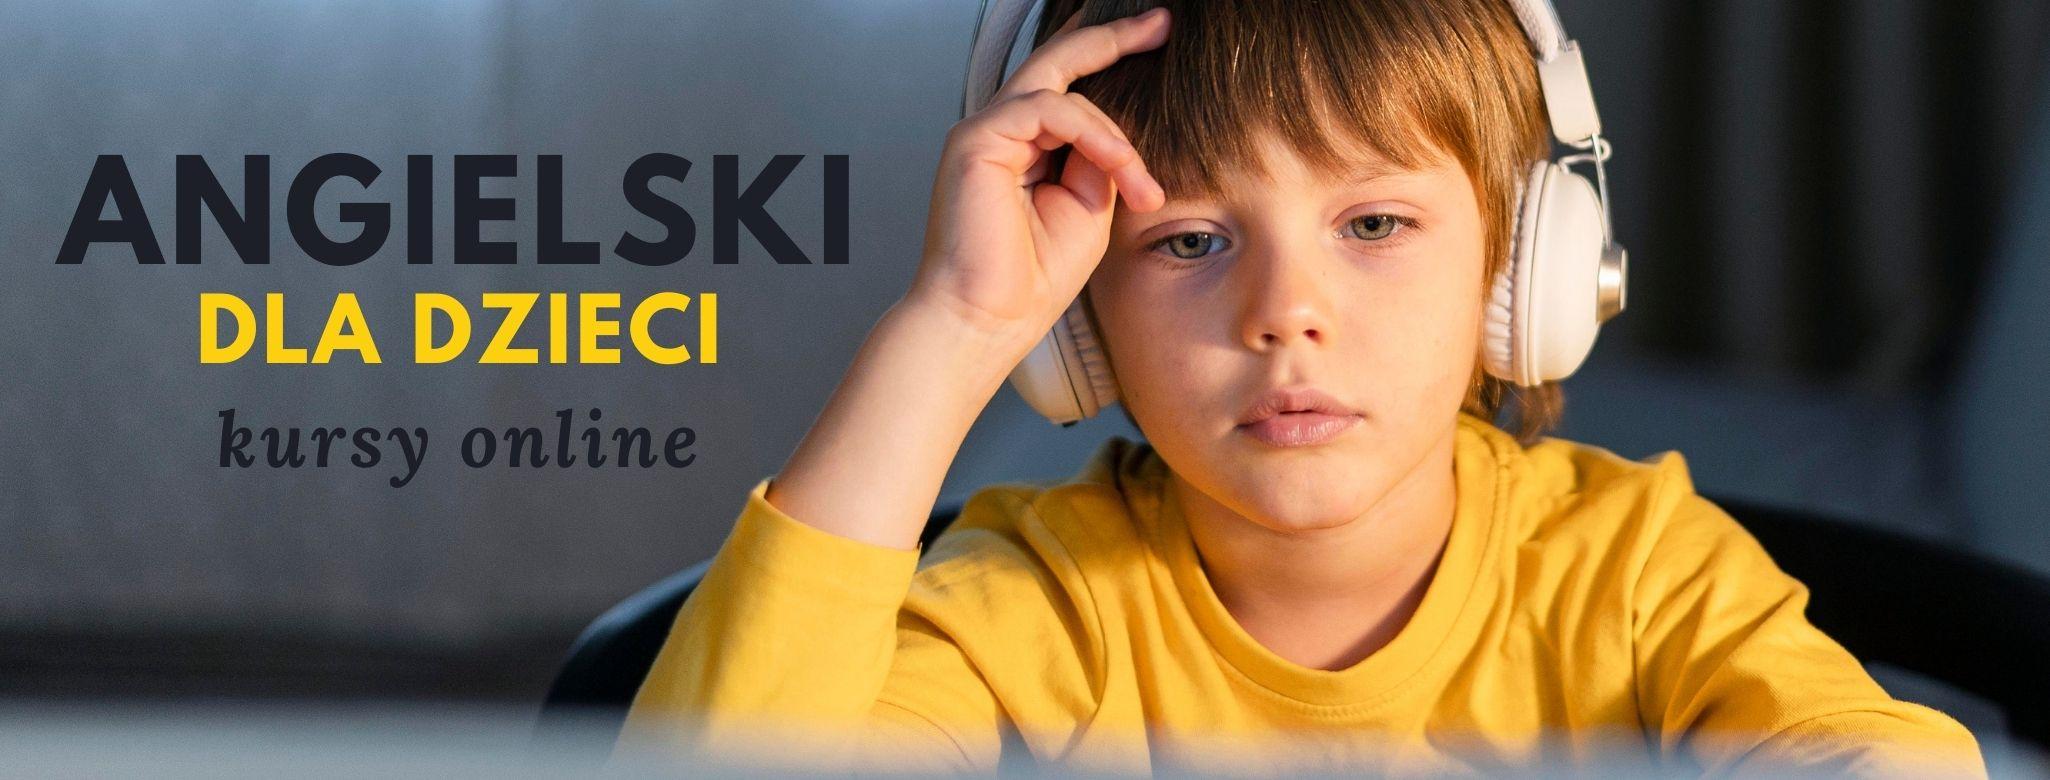 angielski dla dzieci Kraków